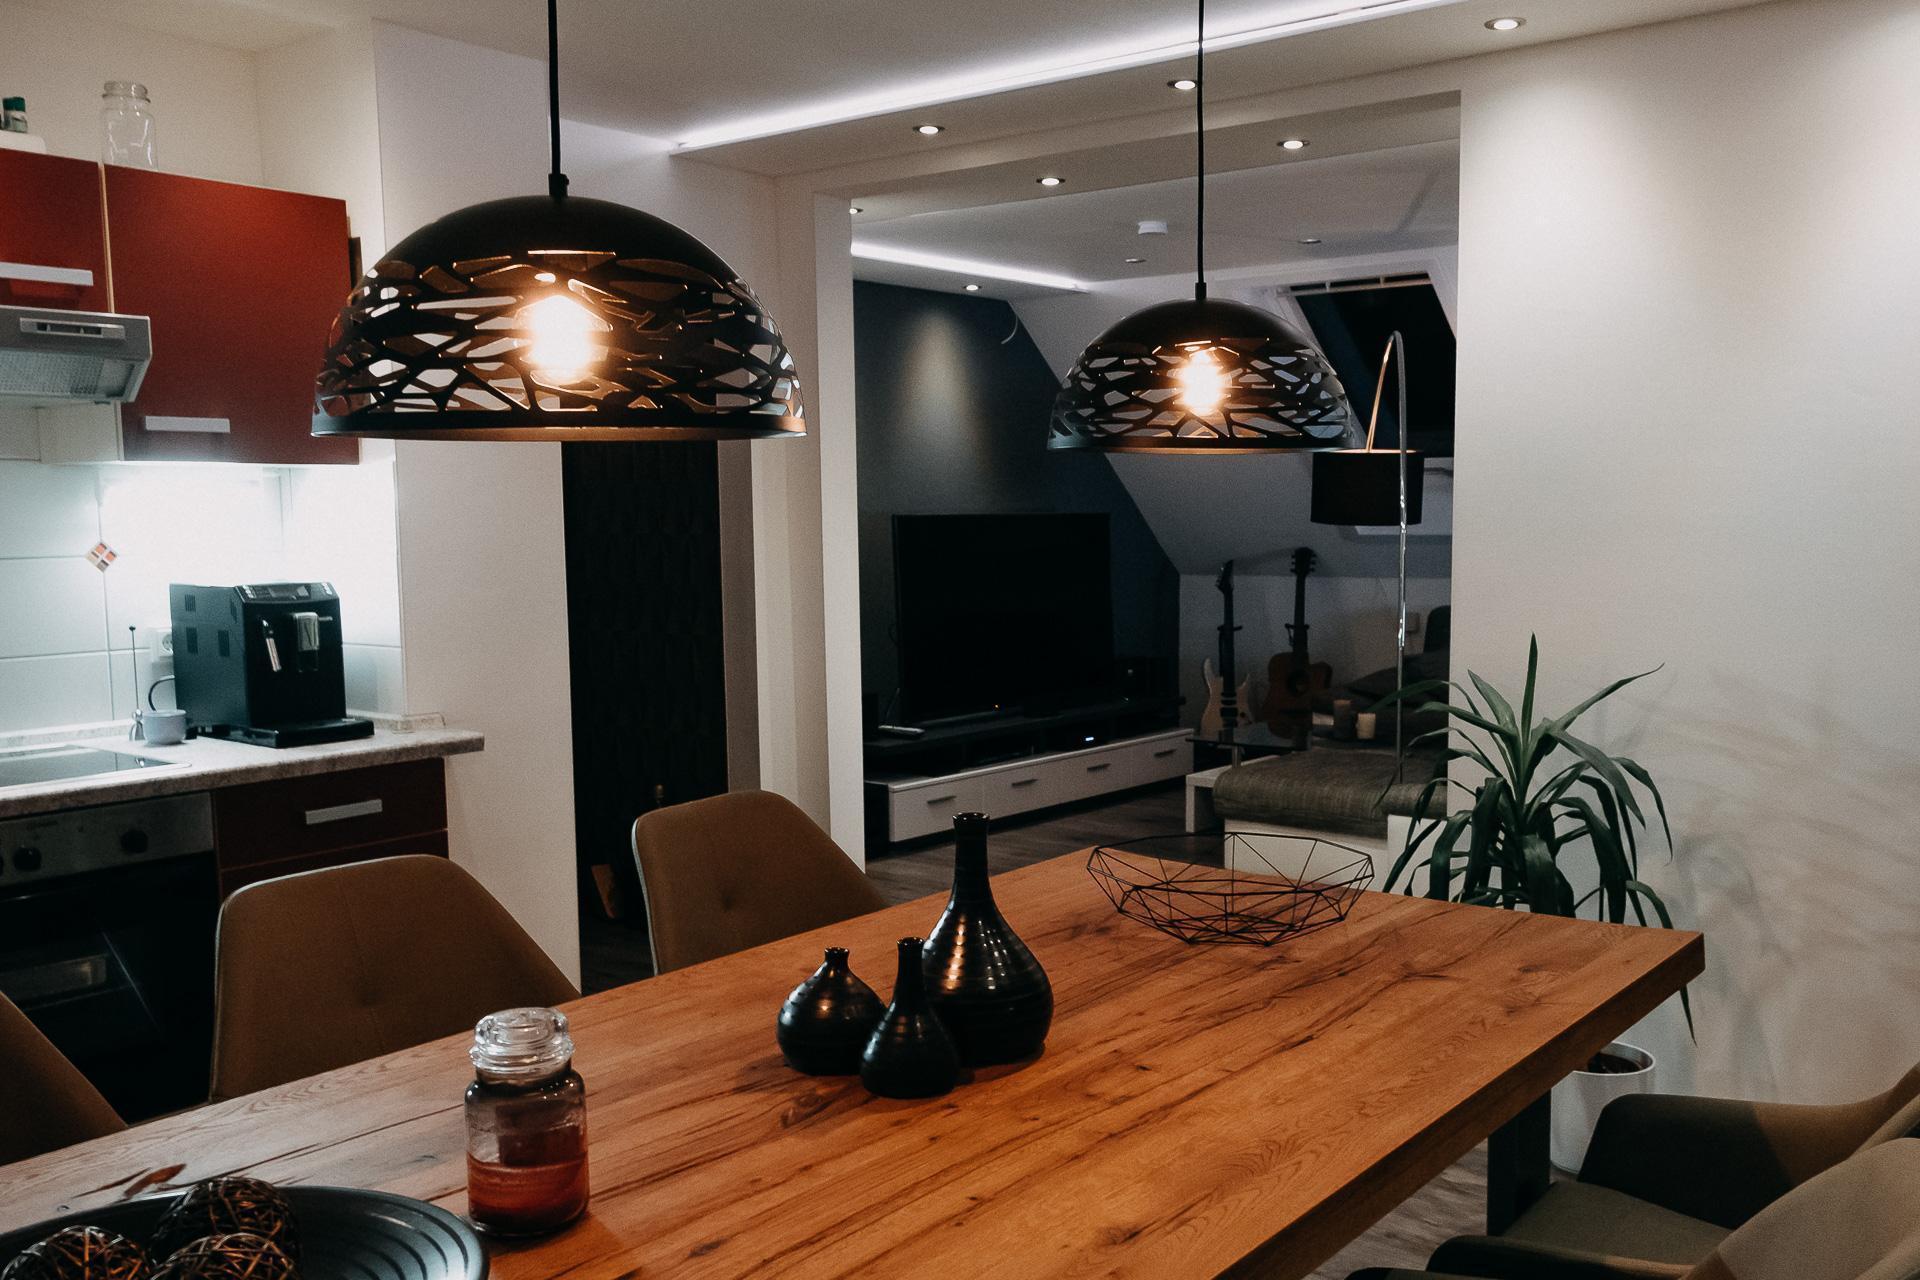 Indirekte Beleuchtung plus Esstisch-Lampe